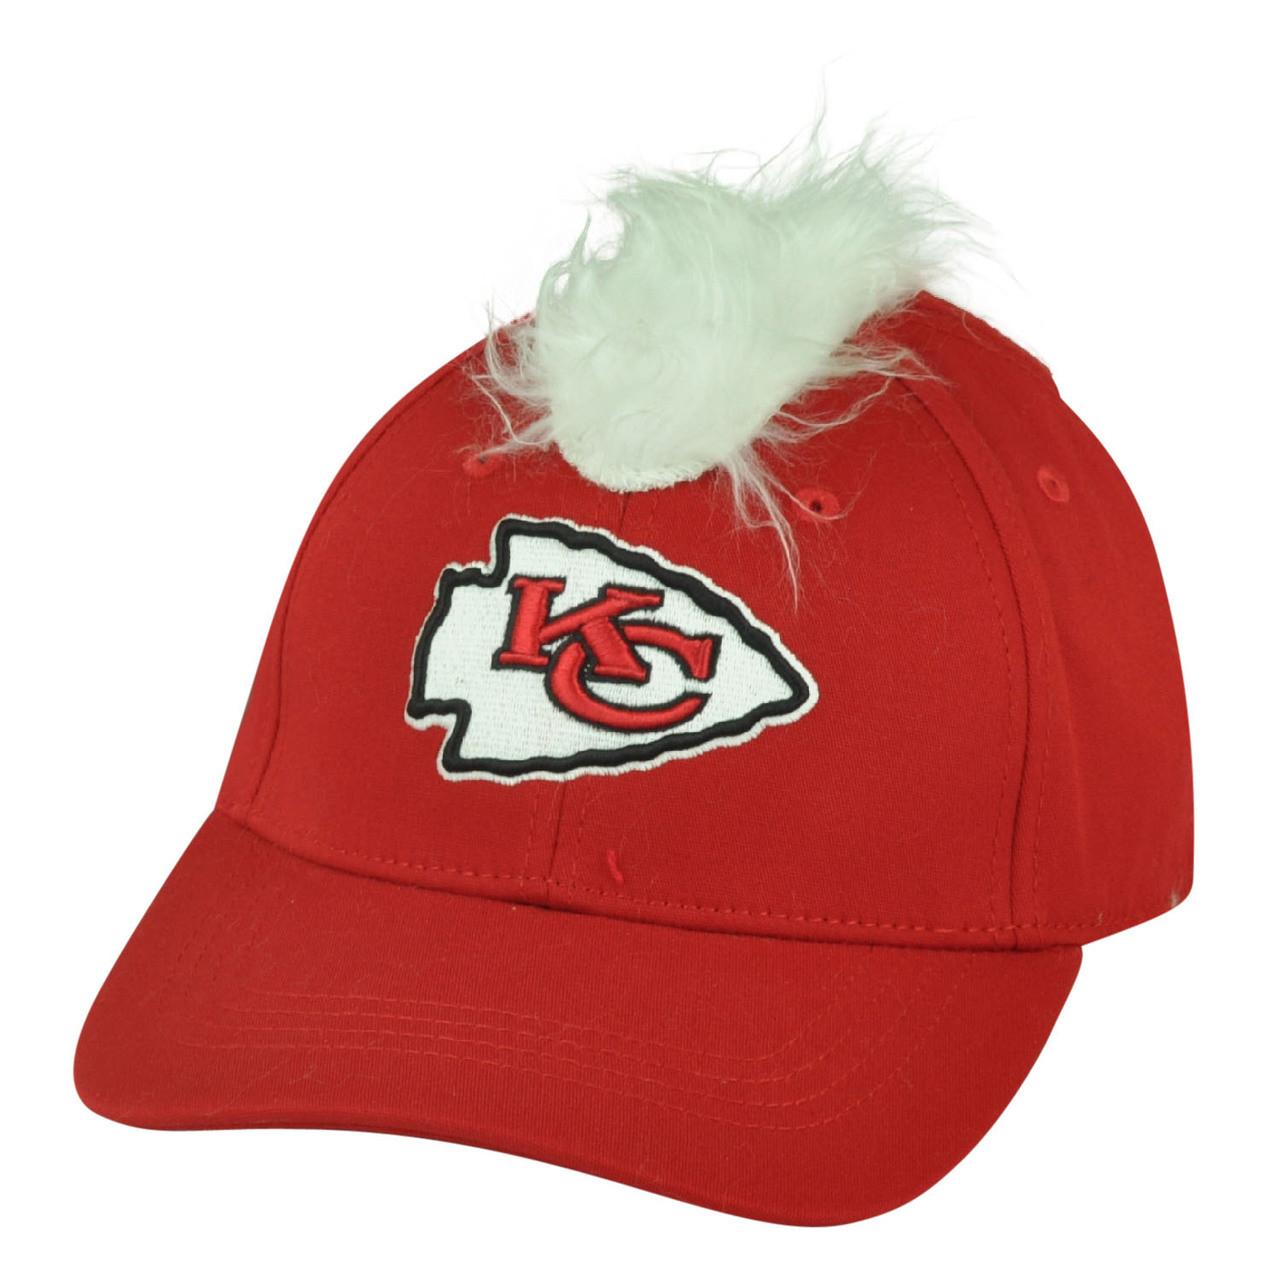 new arrival 44e7b fc19b NFL Kansas City Chiefs Spike Faux Fur Mohawk Flex Fit Stretch One Size Hat  Cap - Cap Store Online.com